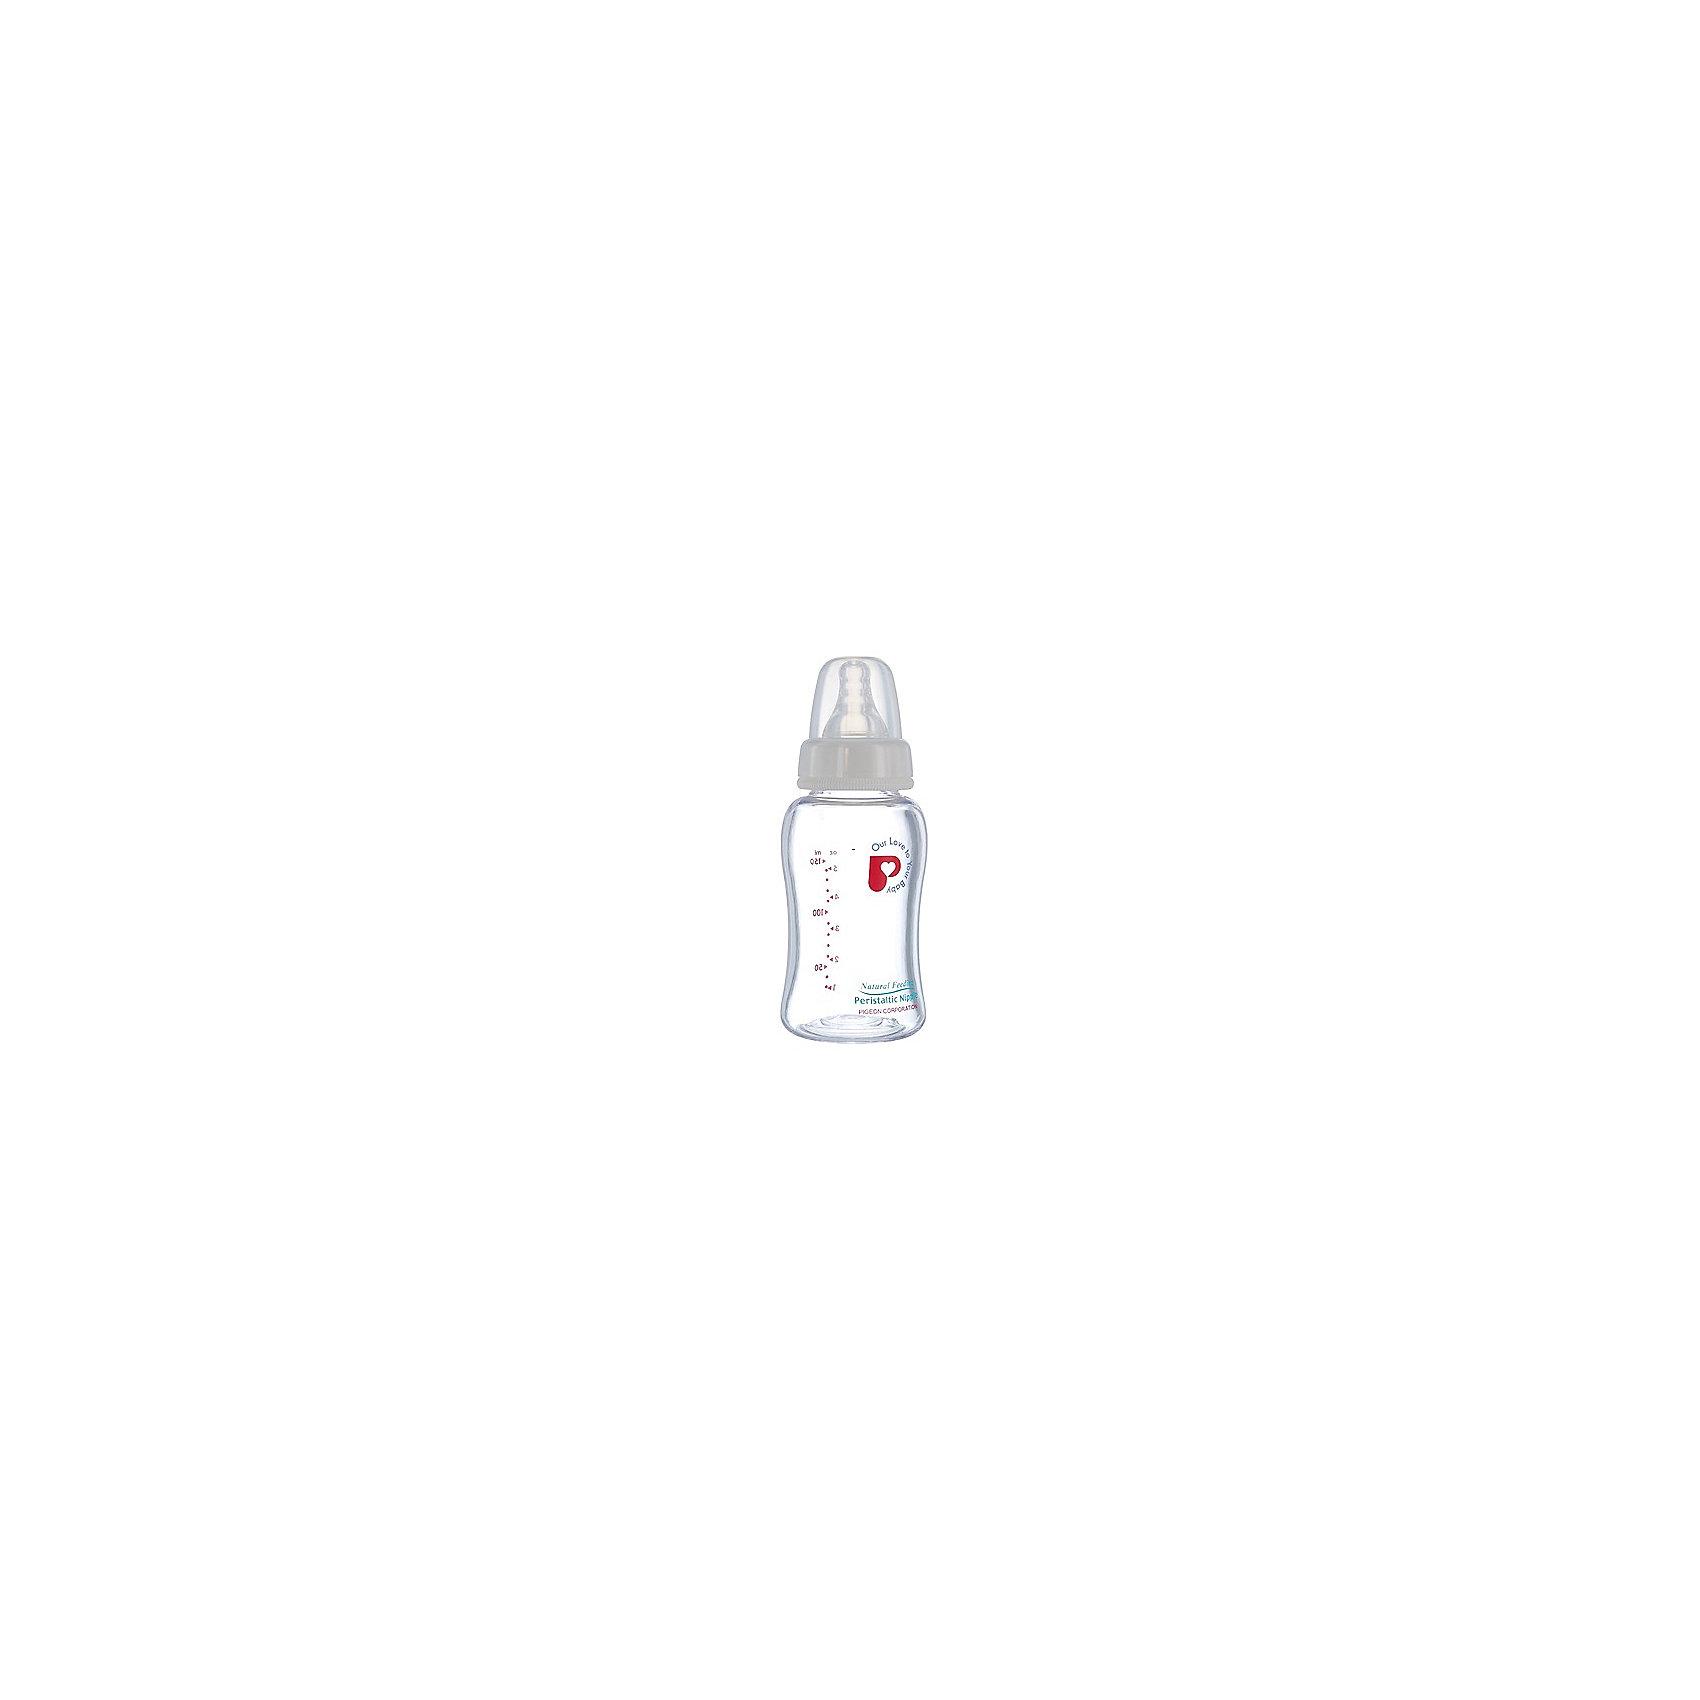 Бутылочка Перистальтик Плюс с широким горлышком 160мл, стекло, PigeonБутылочки и аксессуары<br>Стеклянная бутылочка для кормления малыша имеет широкое горлышко, через которое удобно наливать густую смесь или сцеженное грудное молоко. Антиколиковая соска классической формы выполнена из силикона. Бутылочка для кормления имеет защитный колпачок, который надевается на соску и защищает ее от загрязнения.<br><br>Дополнительная информация:<br><br>Объем бутылочки: 160 мл<br>Материал: стекло, силикон<br><br>Бутылочку Перистальтик Плюс с широким горлышком 160мл, стекло, Pigeon можно купить в нашем интернет-магазине.<br><br>Ширина мм: 300<br>Глубина мм: 100<br>Высота мм: 50<br>Вес г: 160<br>Возраст от месяцев: -2147483648<br>Возраст до месяцев: 2147483647<br>Пол: Унисекс<br>Возраст: Детский<br>SKU: 5008344